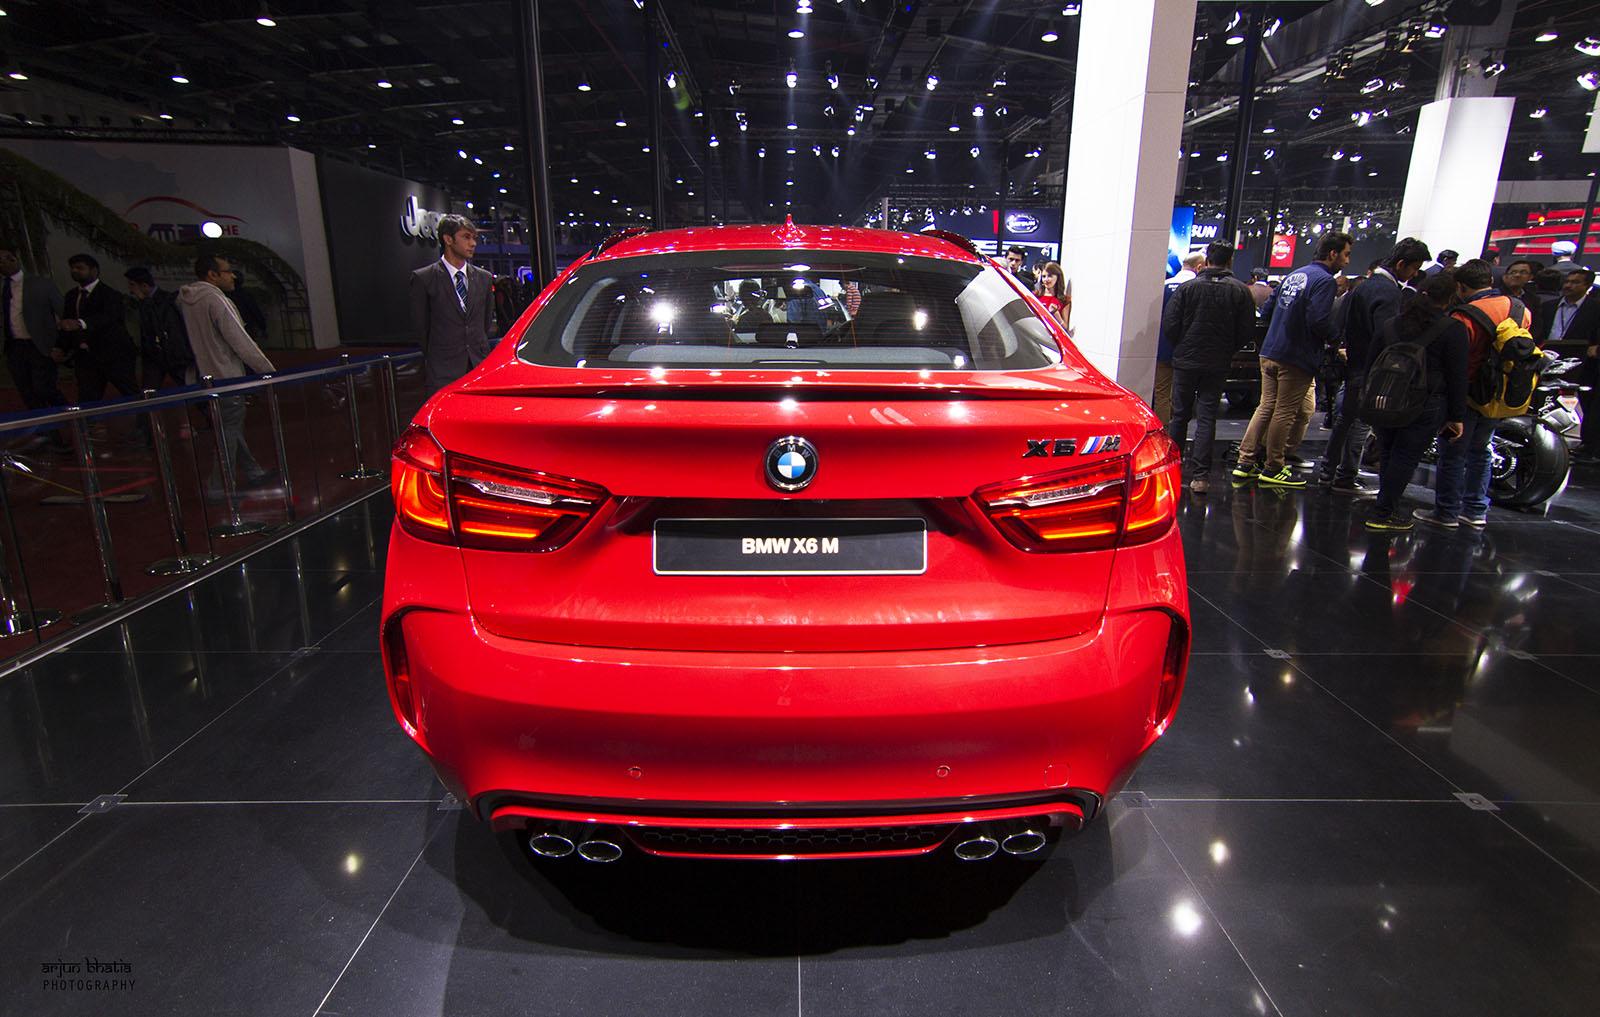 BMW X6 M Delhi Auto Expo 2016 1